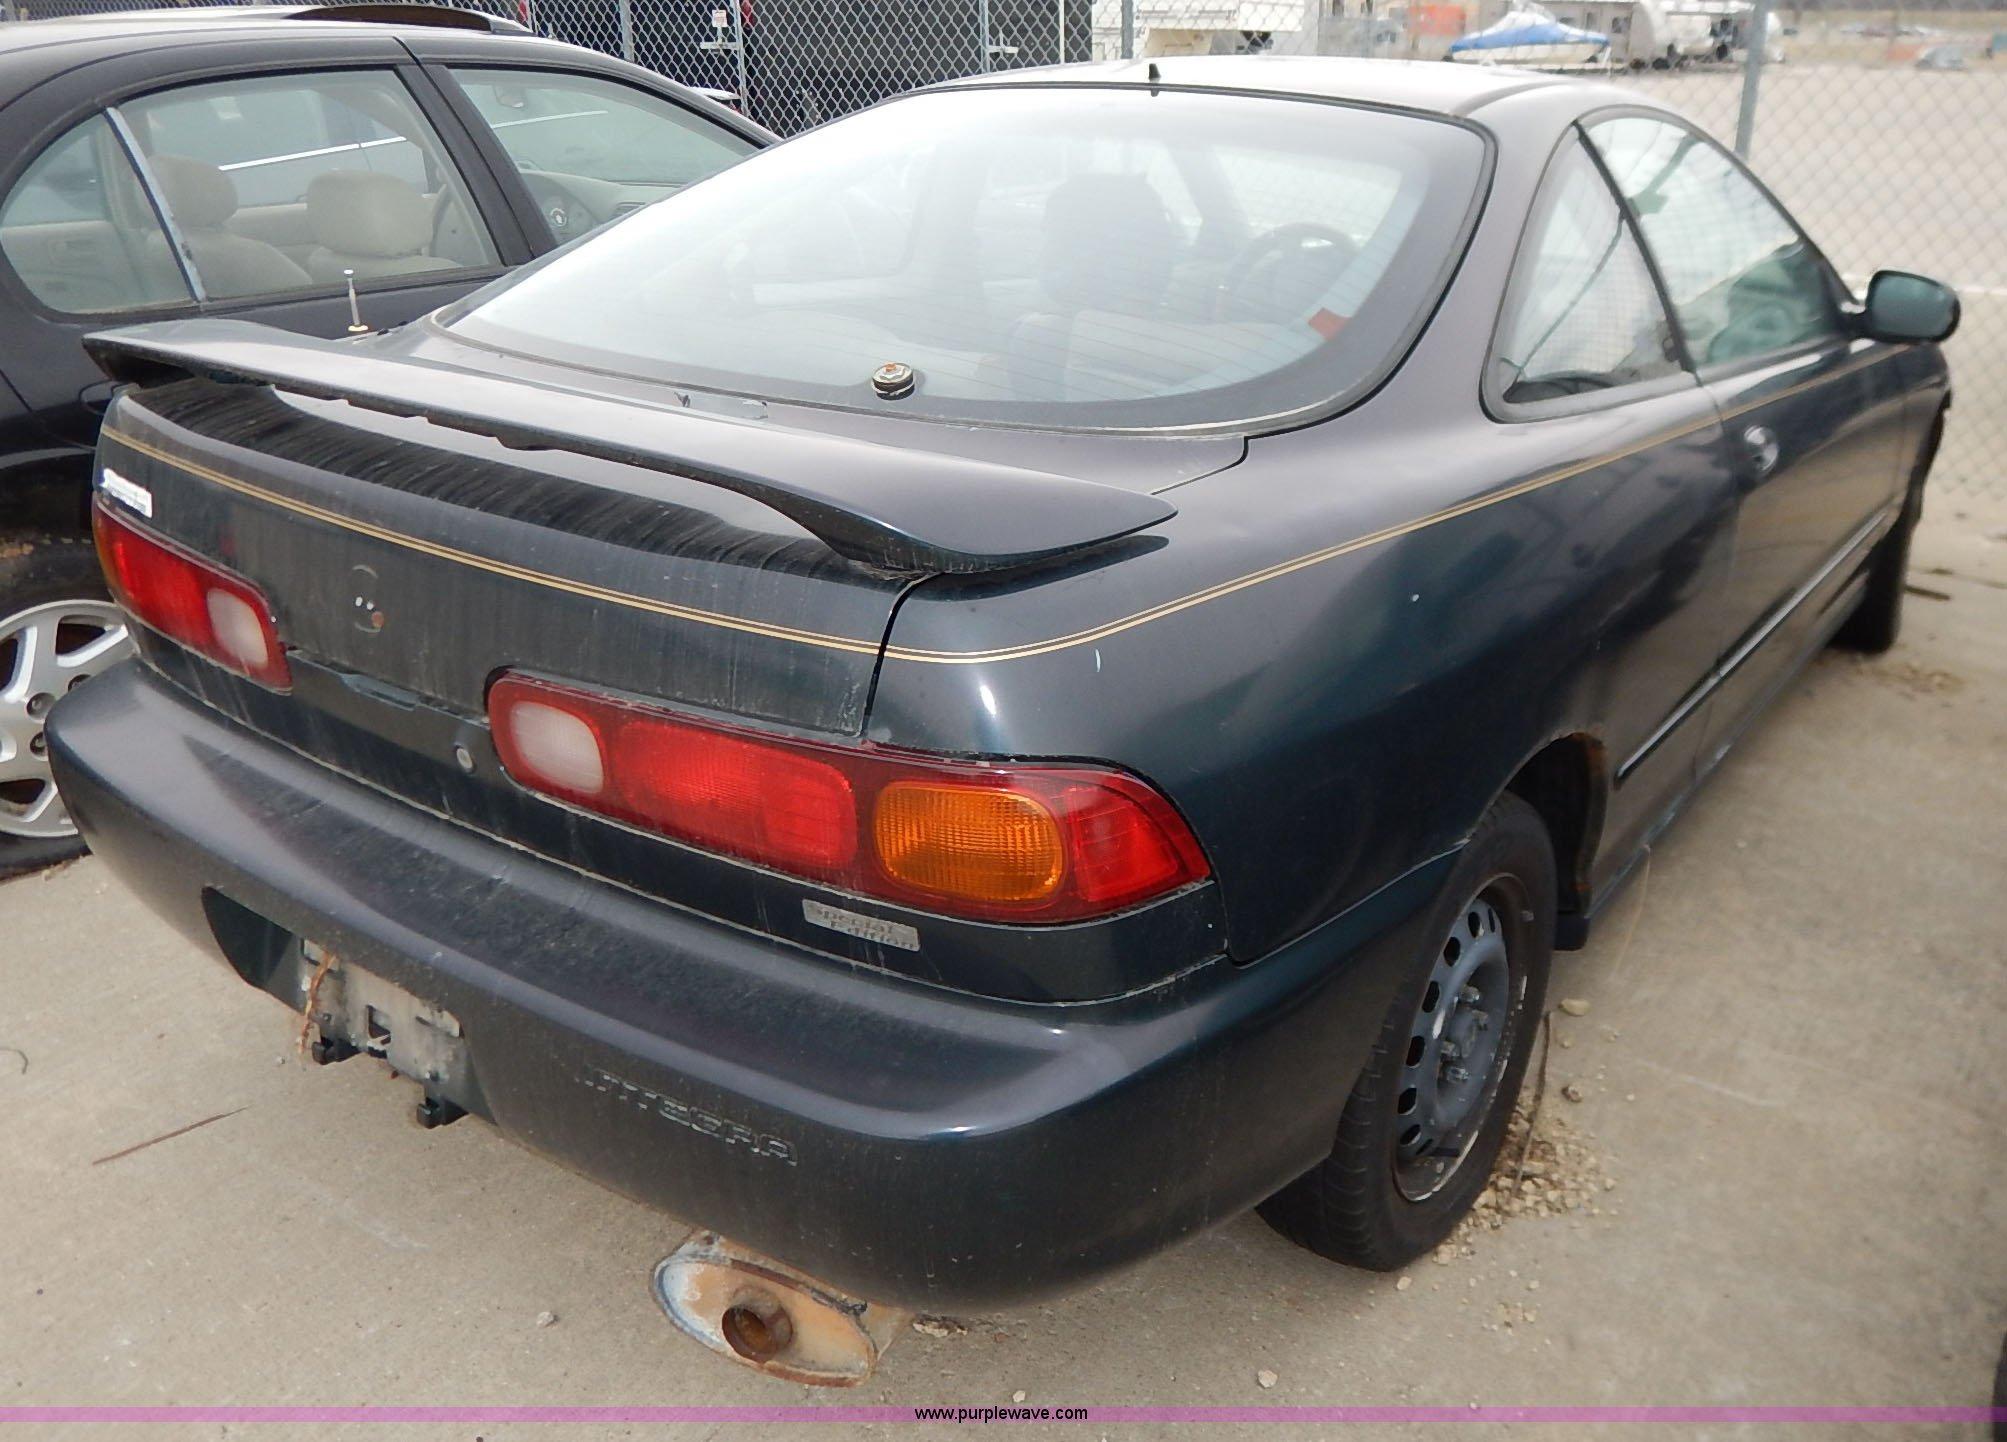 1994 Acura Integra Item K8881